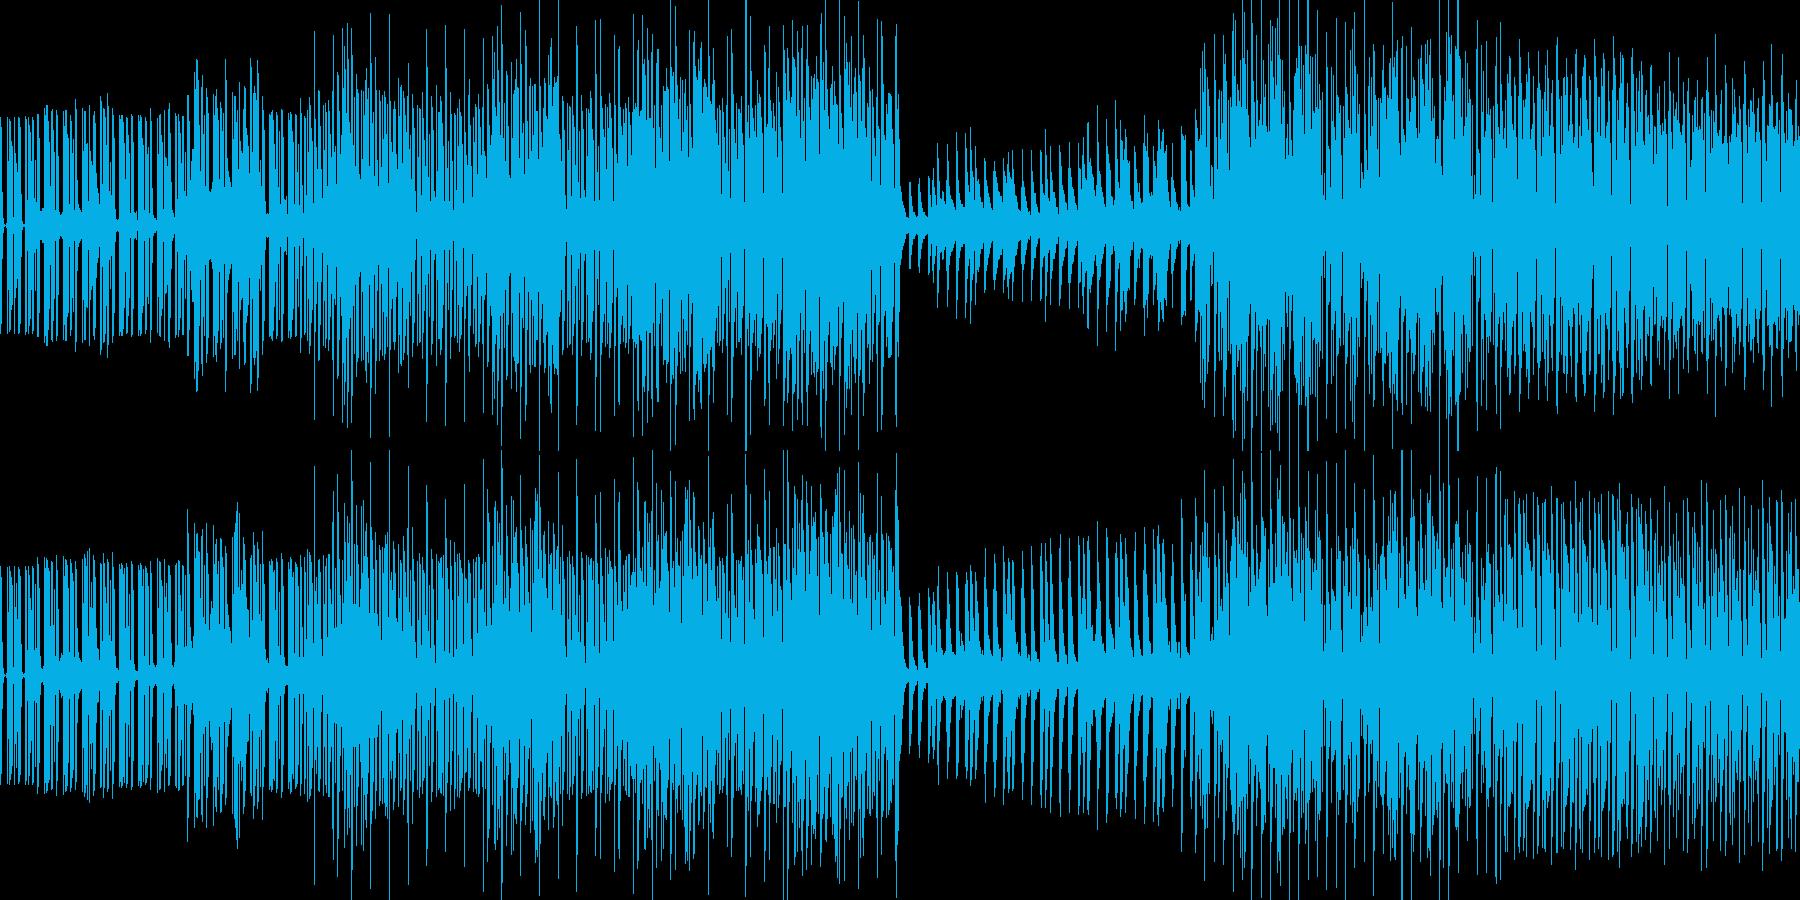 シンプルなレゲェループの再生済みの波形